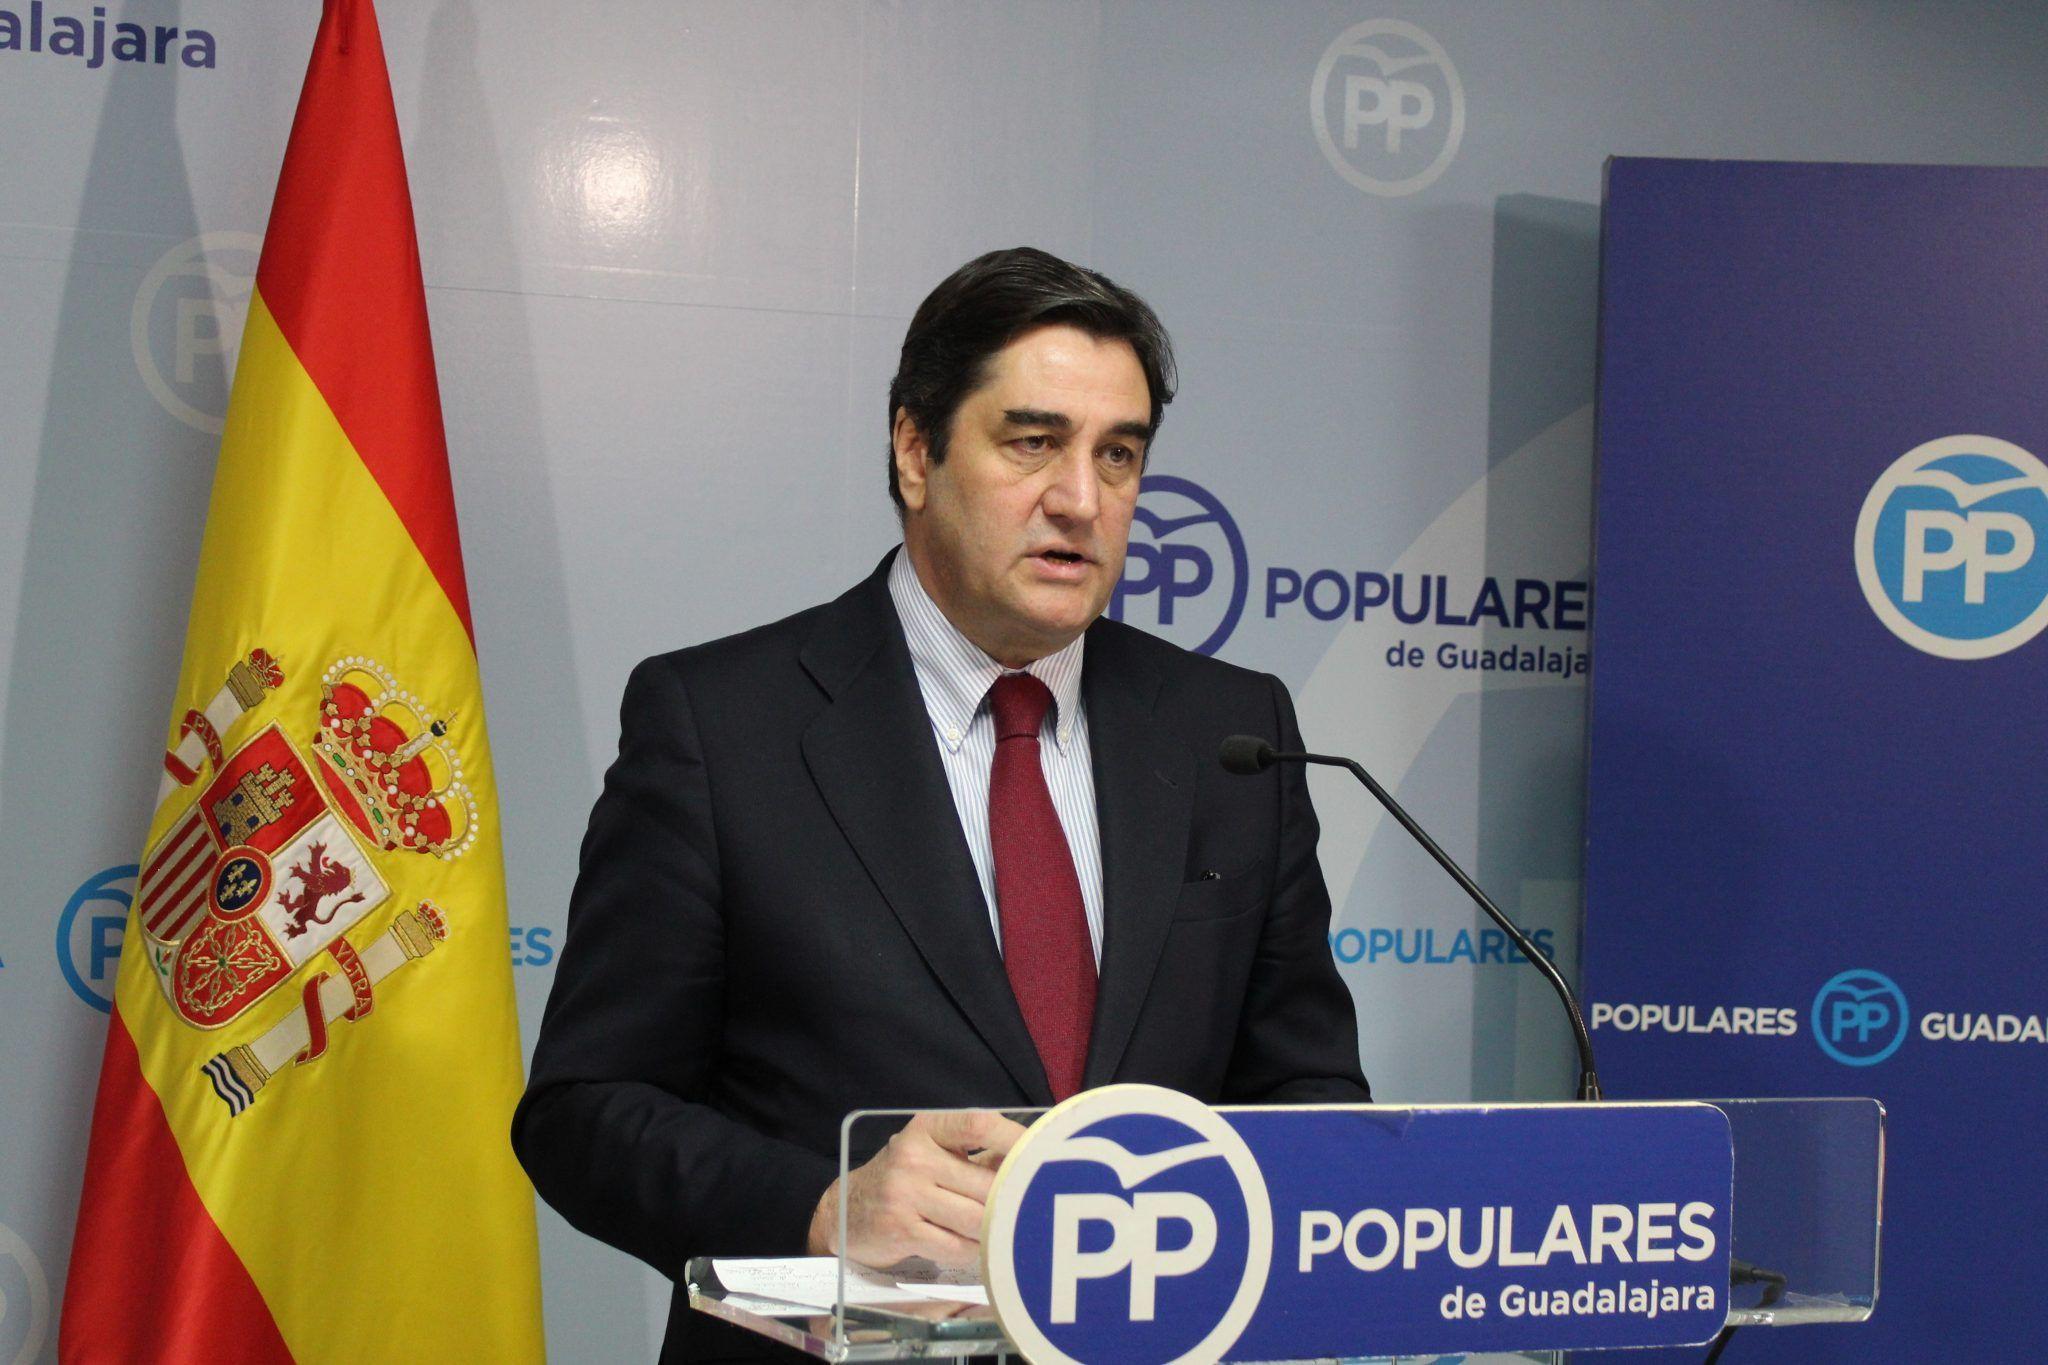 foto pp. josC3A9 ignacio echC3A1niz en un momento de la rueda de prensa 2048x1365 1   Informaciones de Guadalajara